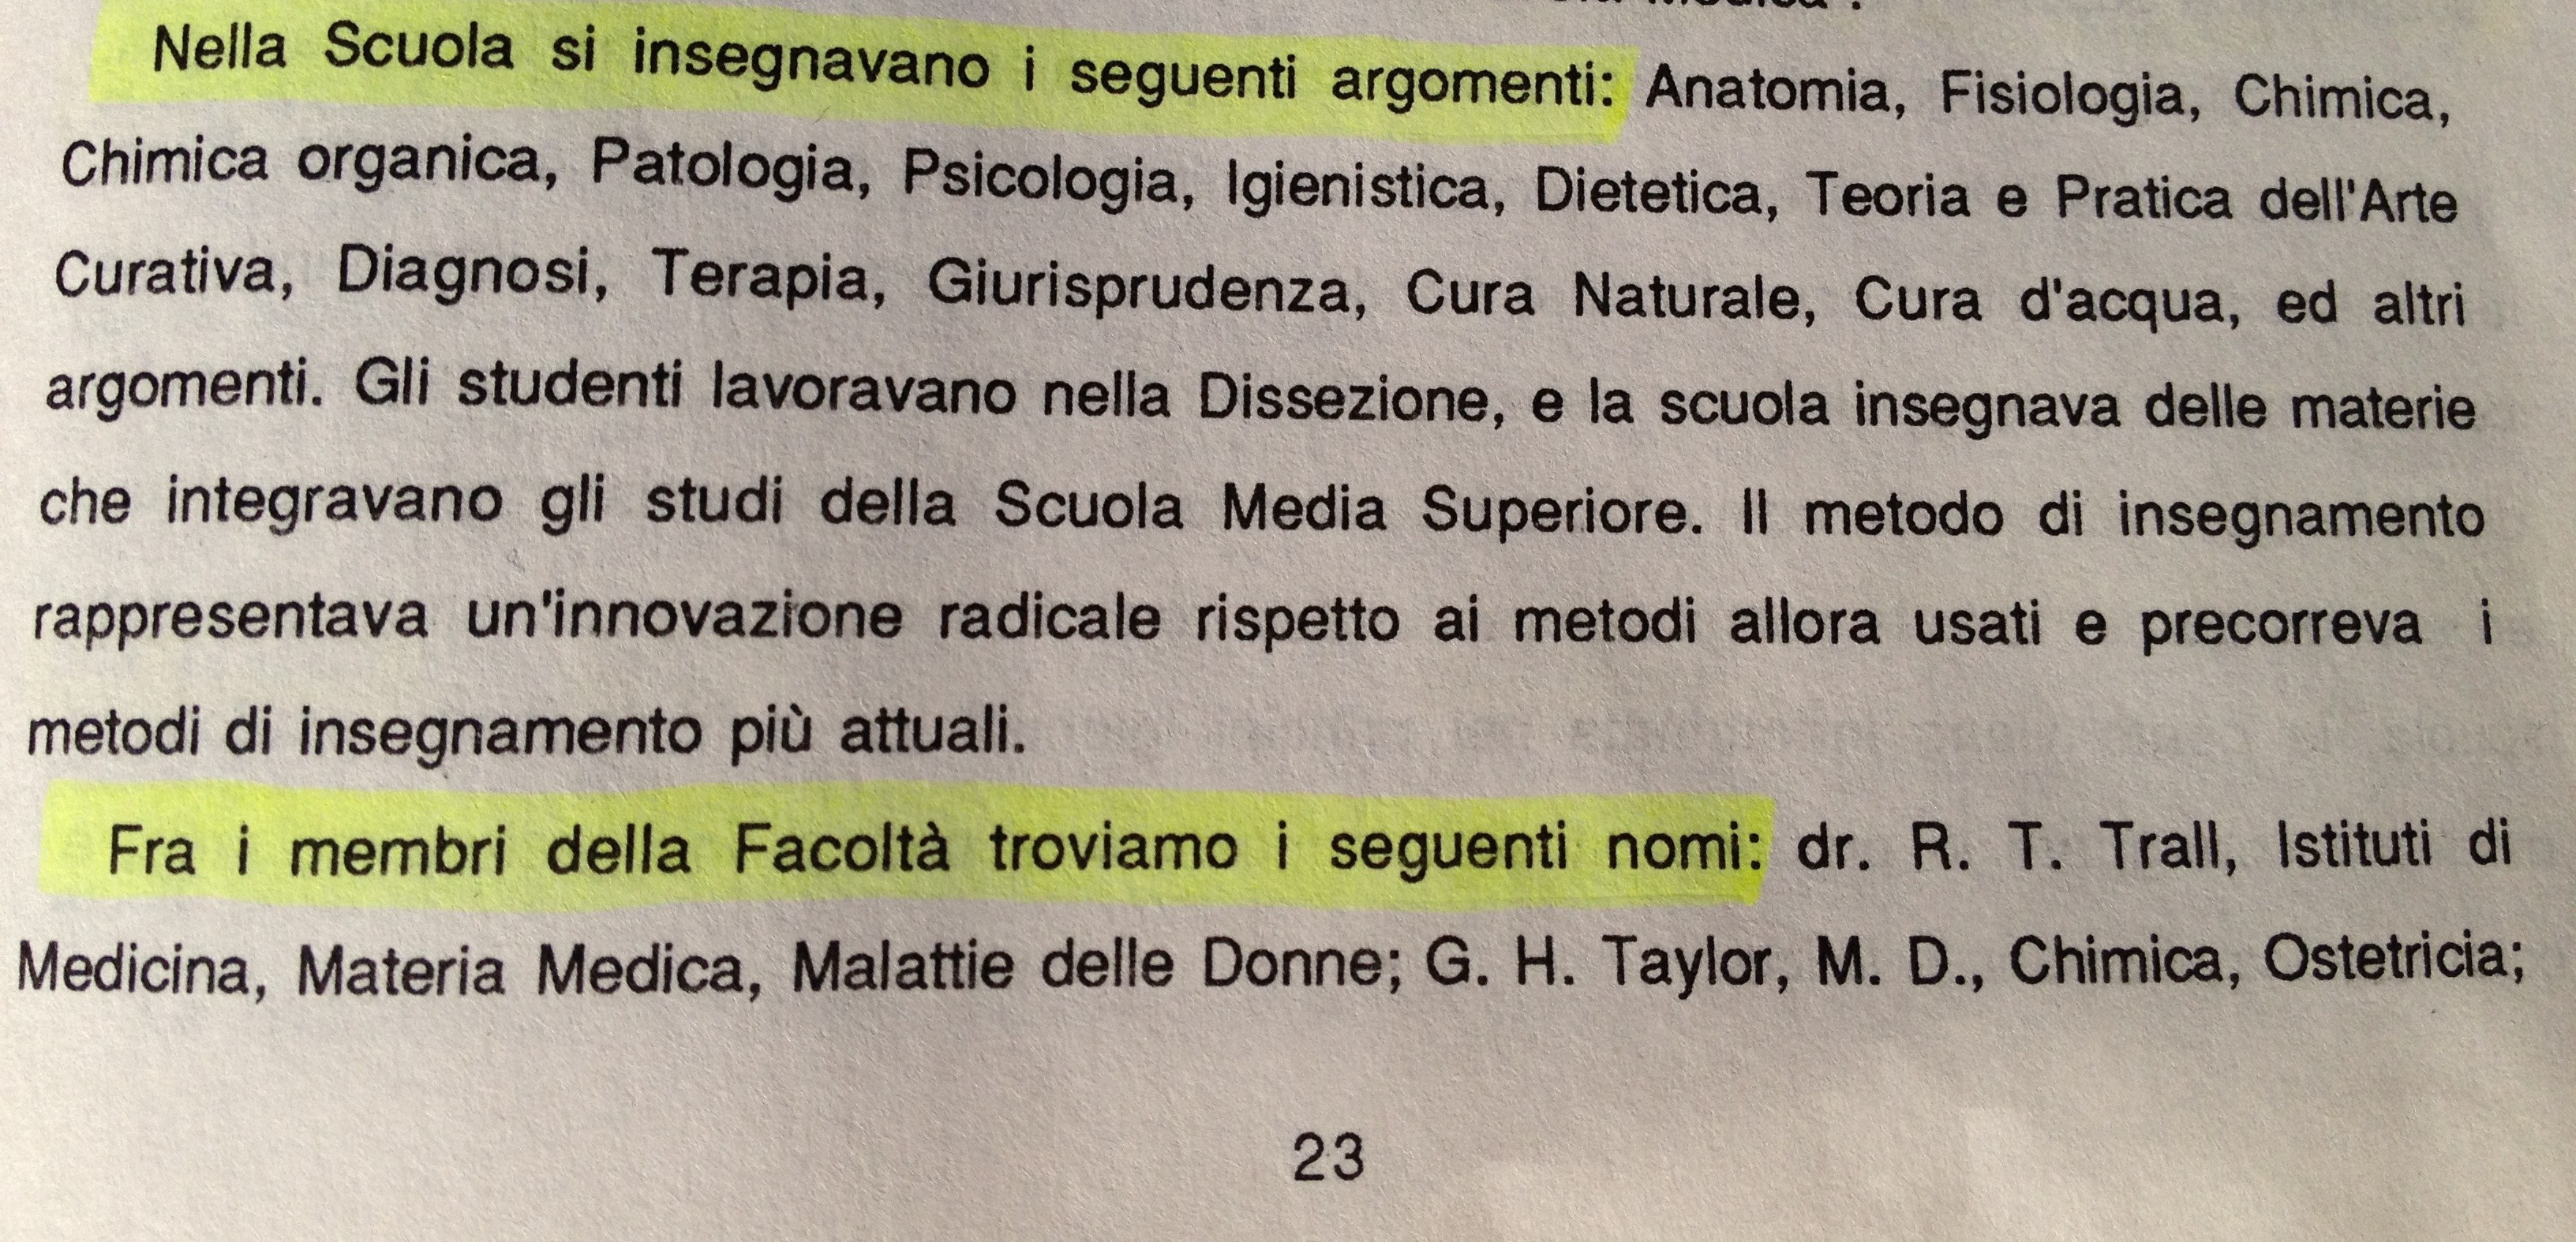 MATERIE DI STUDIO E INSEGNANTI DELLA SCUOLA p. 23